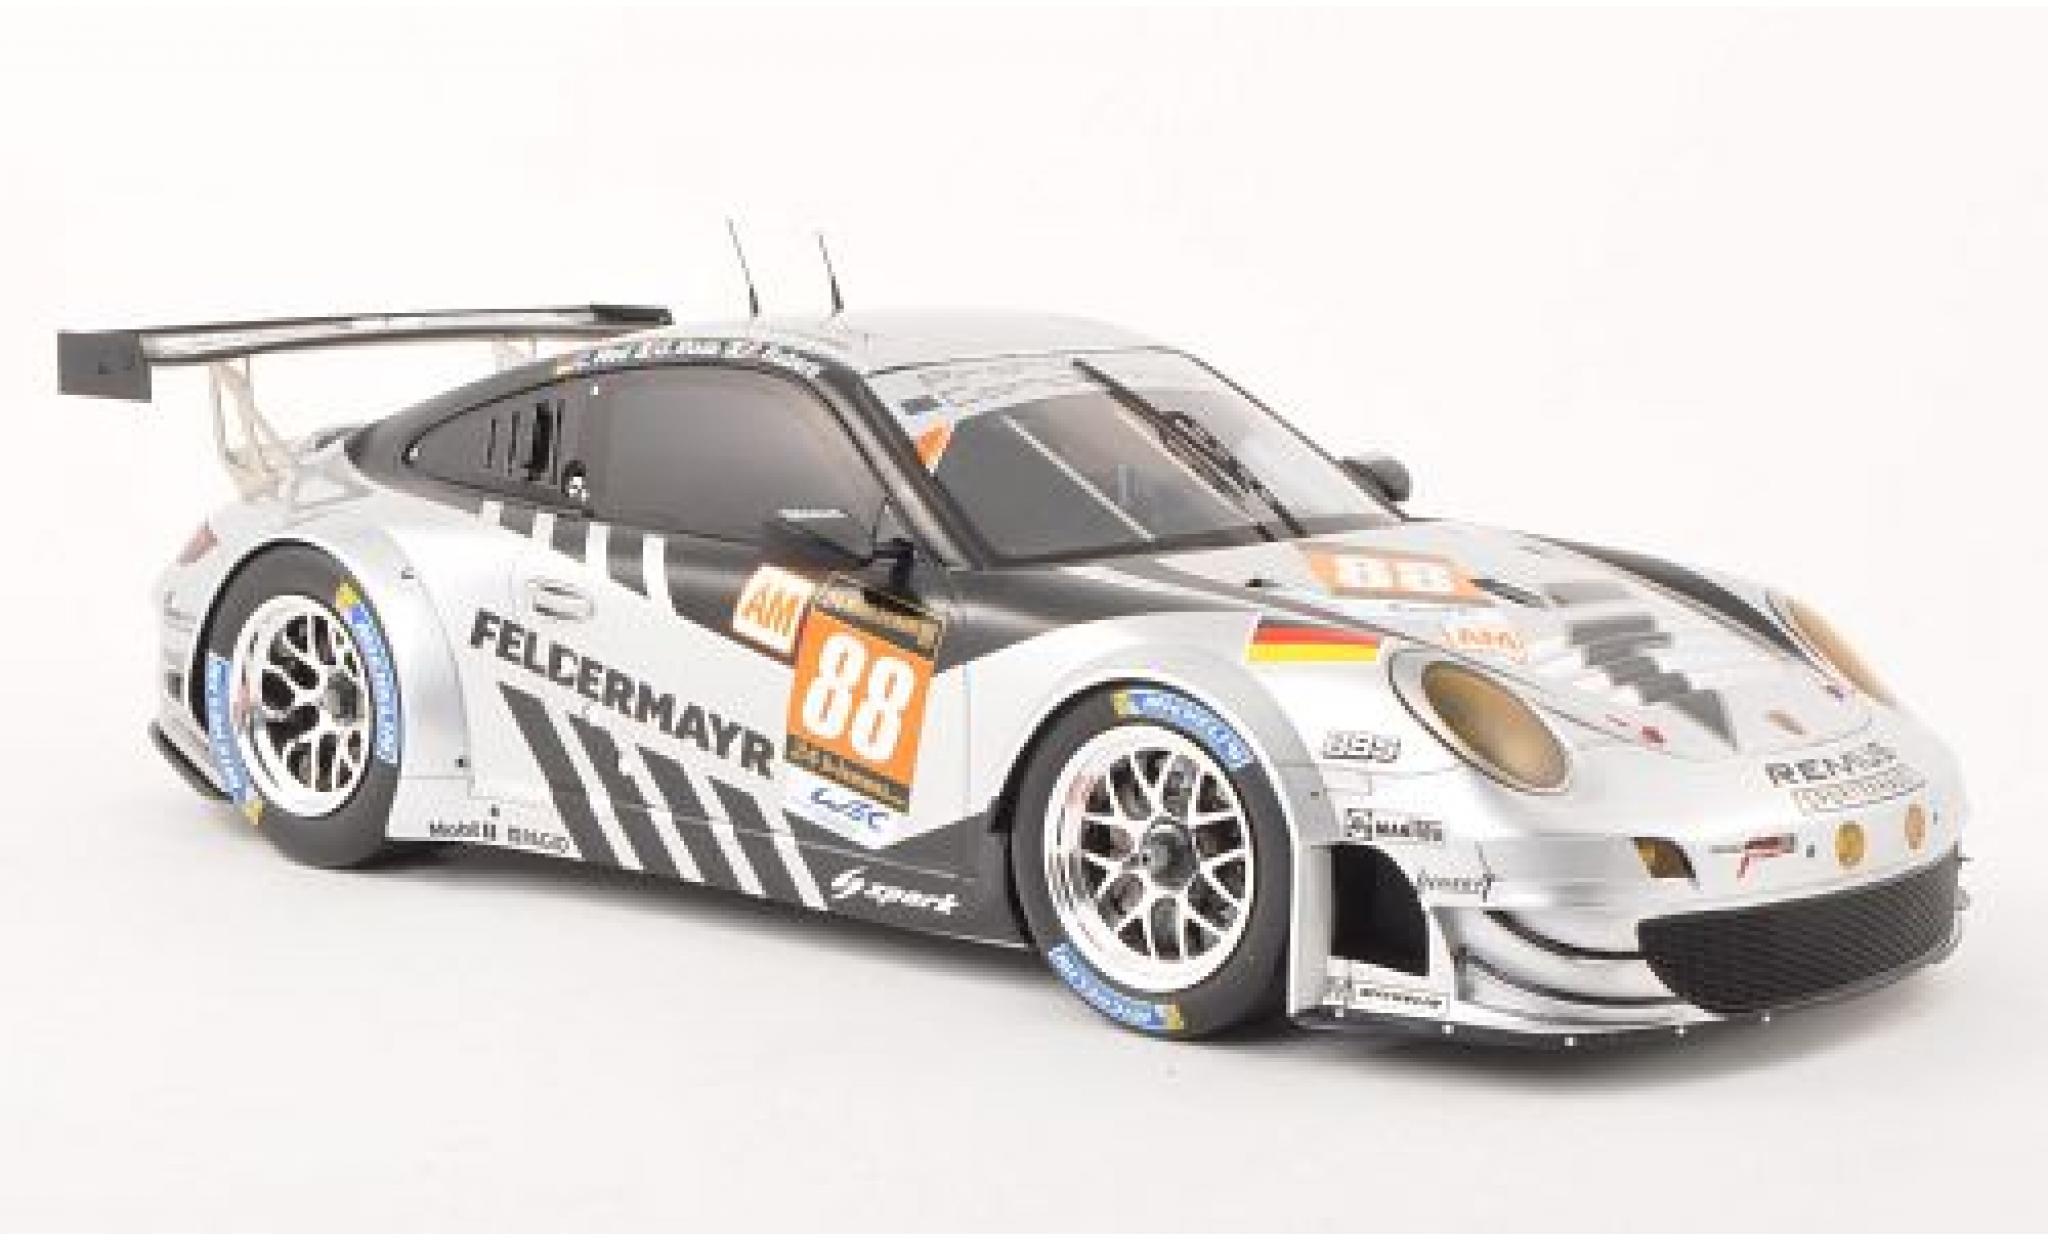 Porsche 991 RSR 1/18 Spark 911 (997) GT3 No.88 Predon Competition 24h Le Mans 2013 capos et les portes fermé C.Ried/G.Roda/P.Ruberti